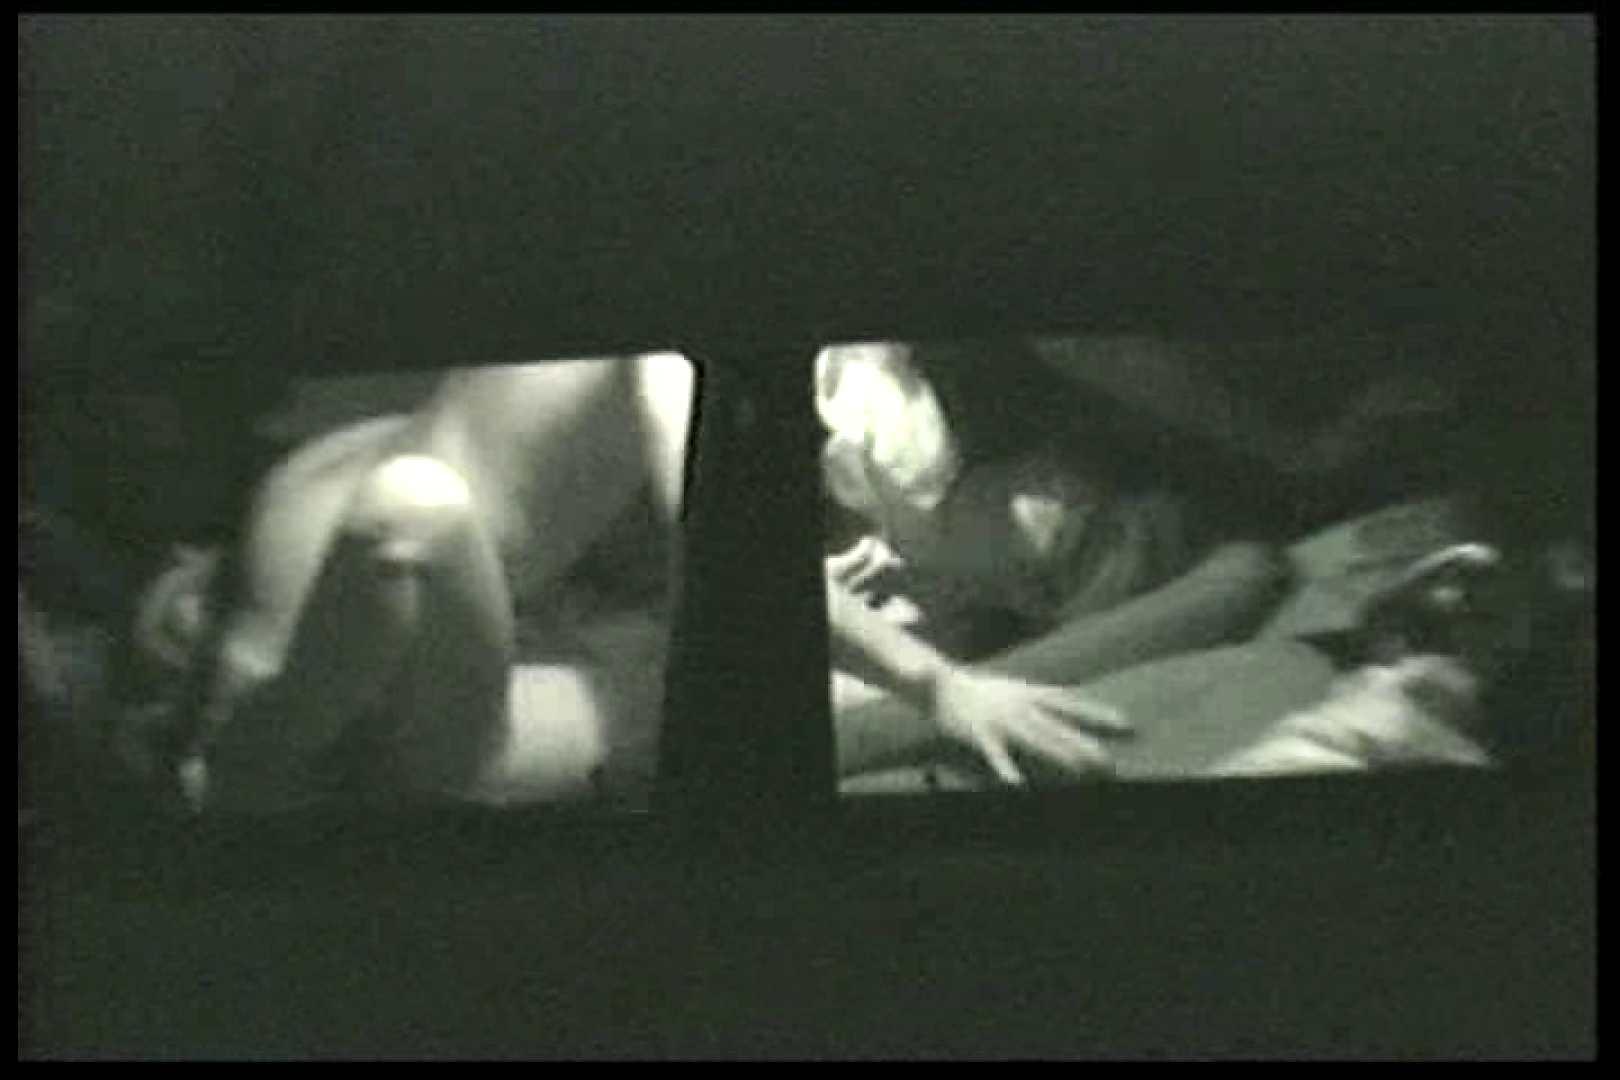 車の中はラブホテル 無修正版  Vol.15 ラブホテル隠し撮り 盗撮動画紹介 77pic 76